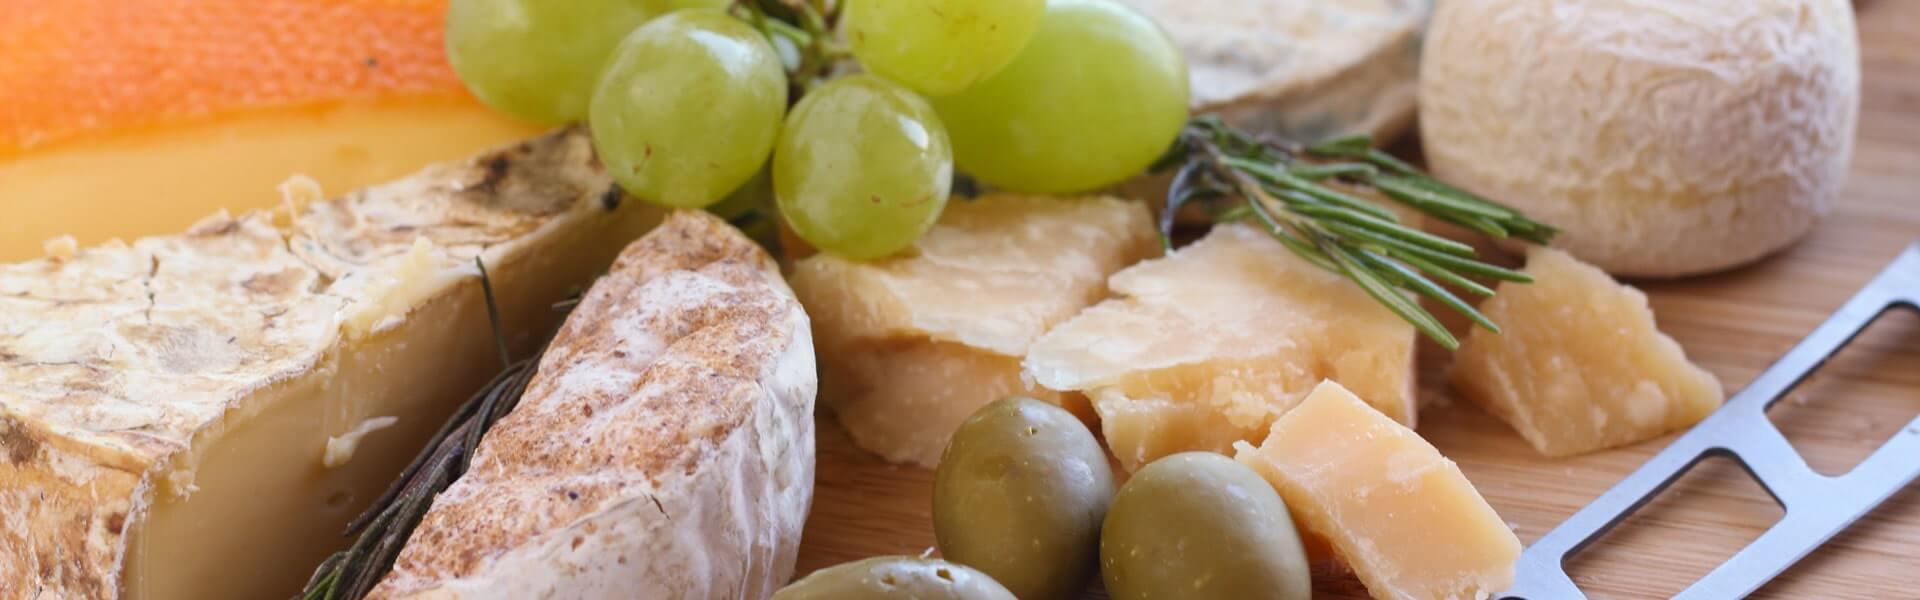 Eine Reise in die Auvergne verspricht eine kulinarische Vielfalt.